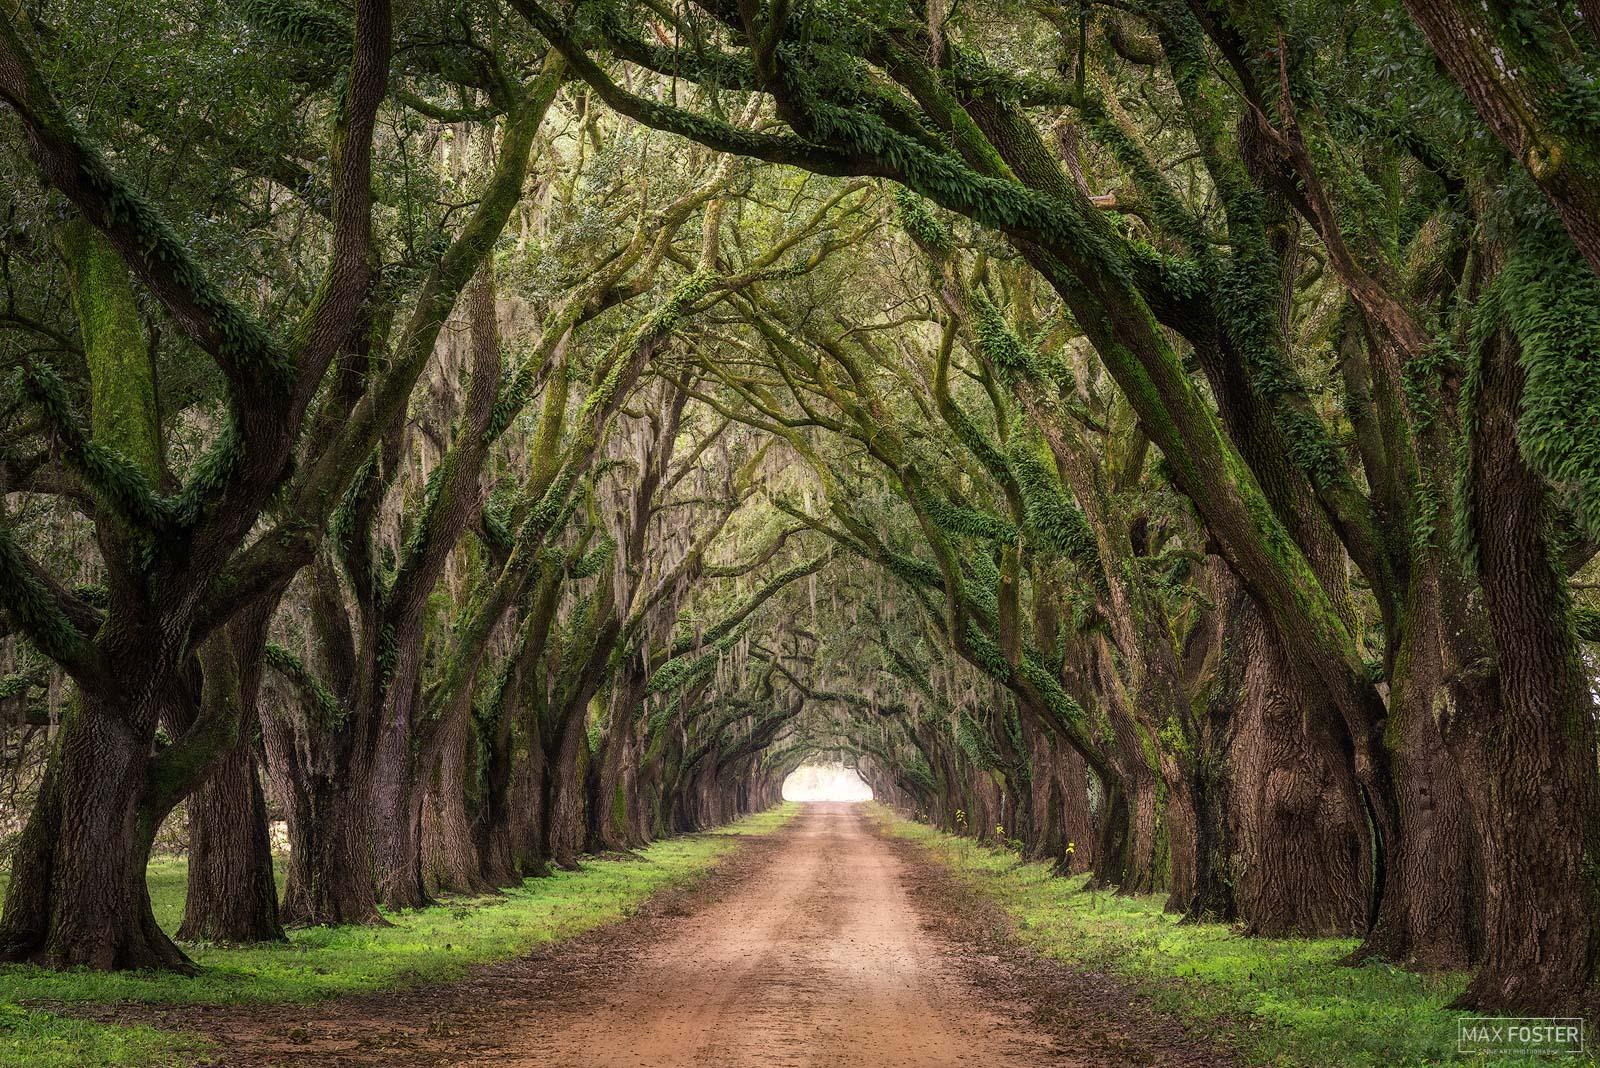 Evergreen Plantation, Edgard, Louisiana, If Trees Could Talk, Tree Tunnel, photo